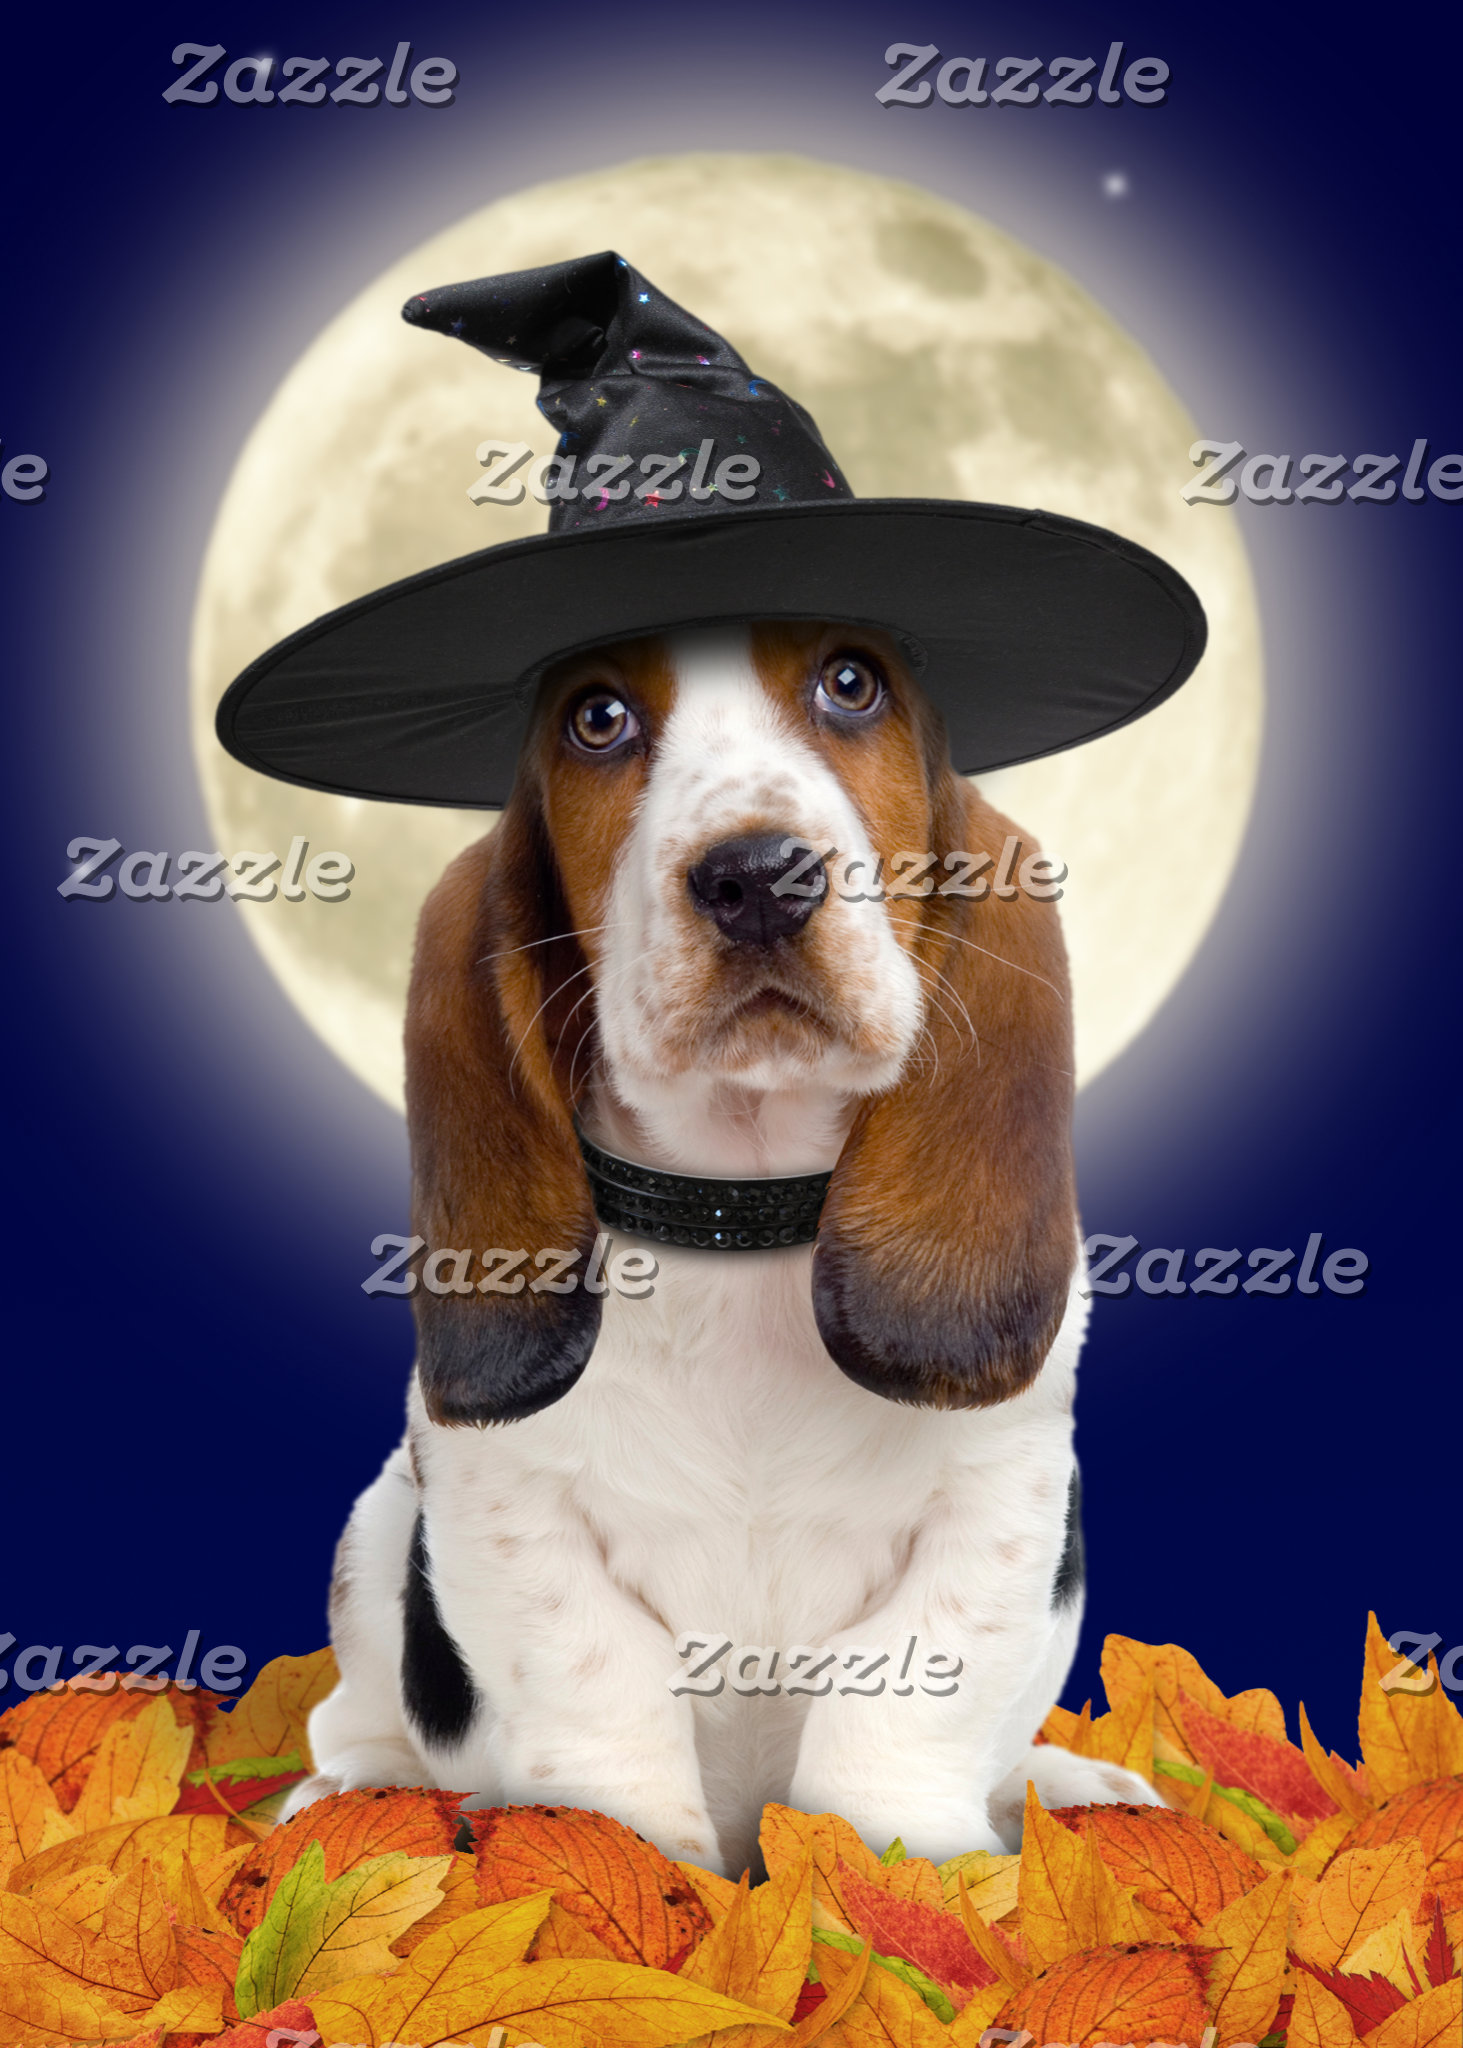 Basset Hound Halloween Cards & Gifts